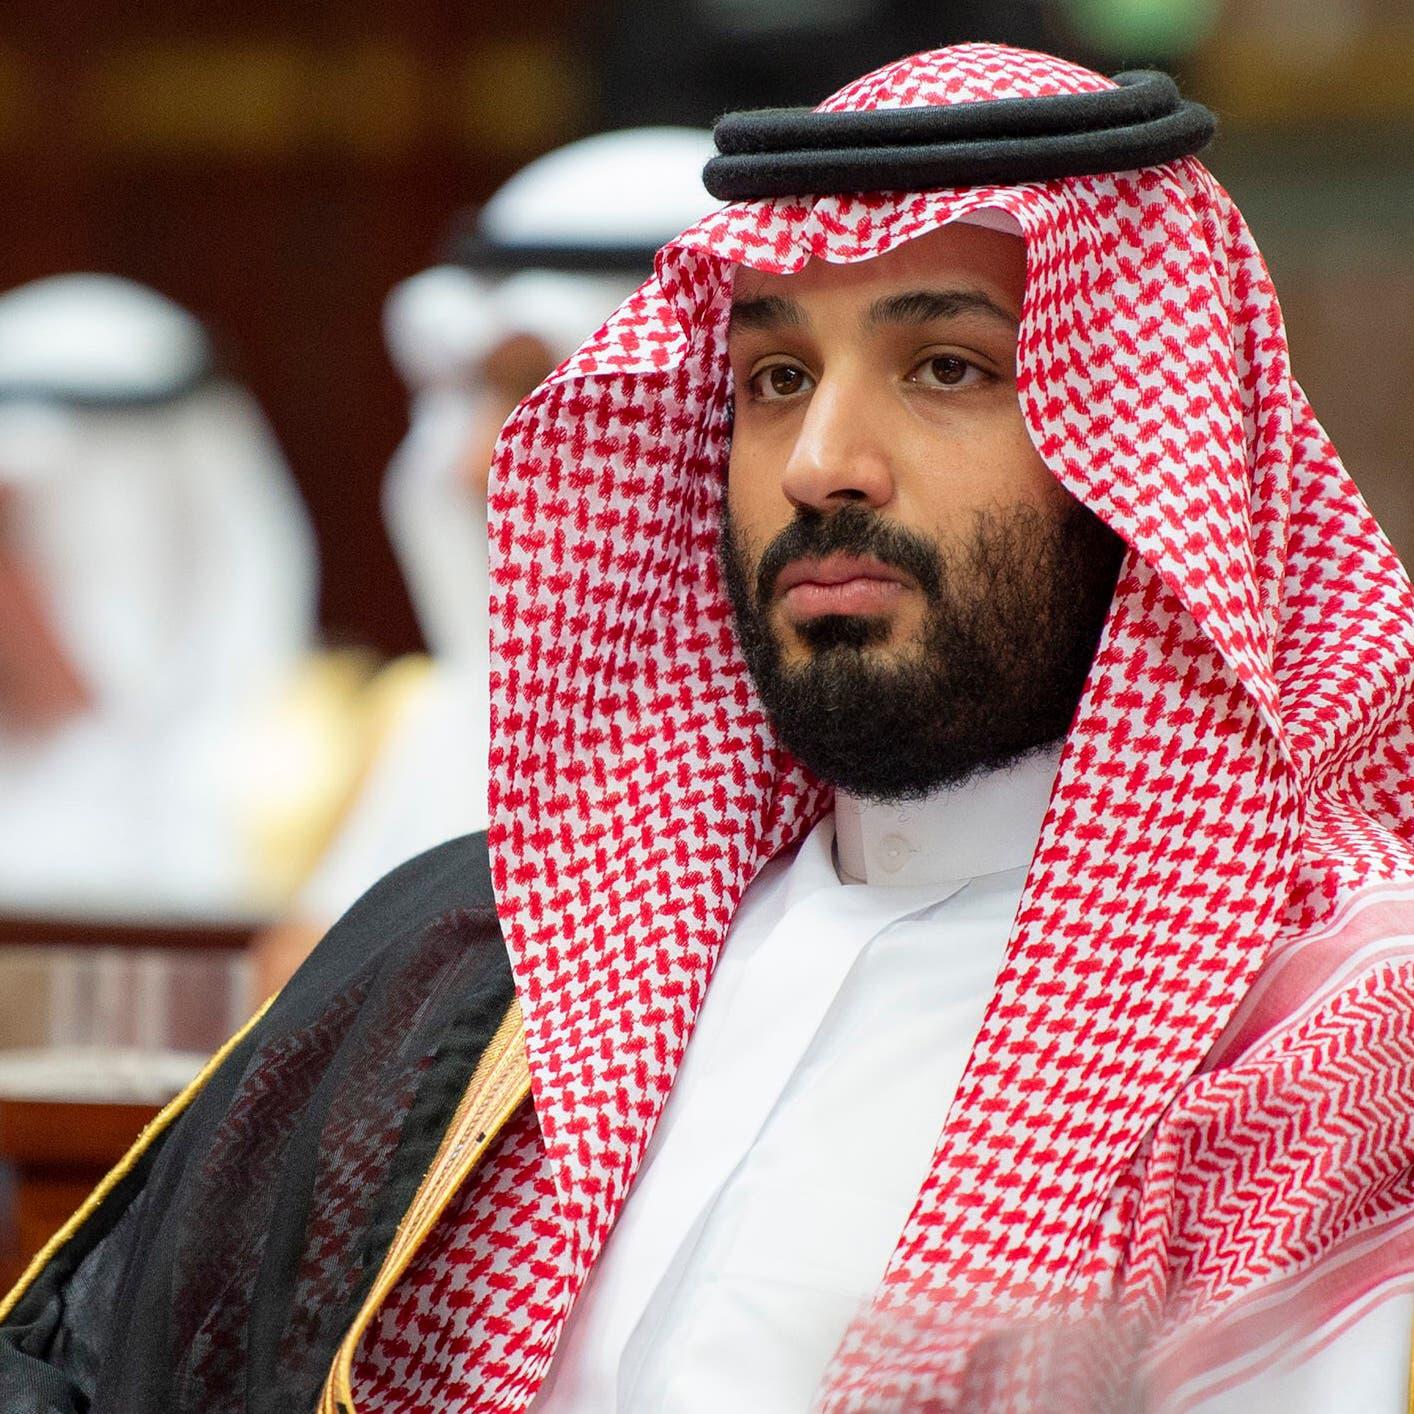 محمد بن سلمان: تهديدات إيران ليست موجهة ضد السعودية فقط.. بل ضد المنطقة والعالم